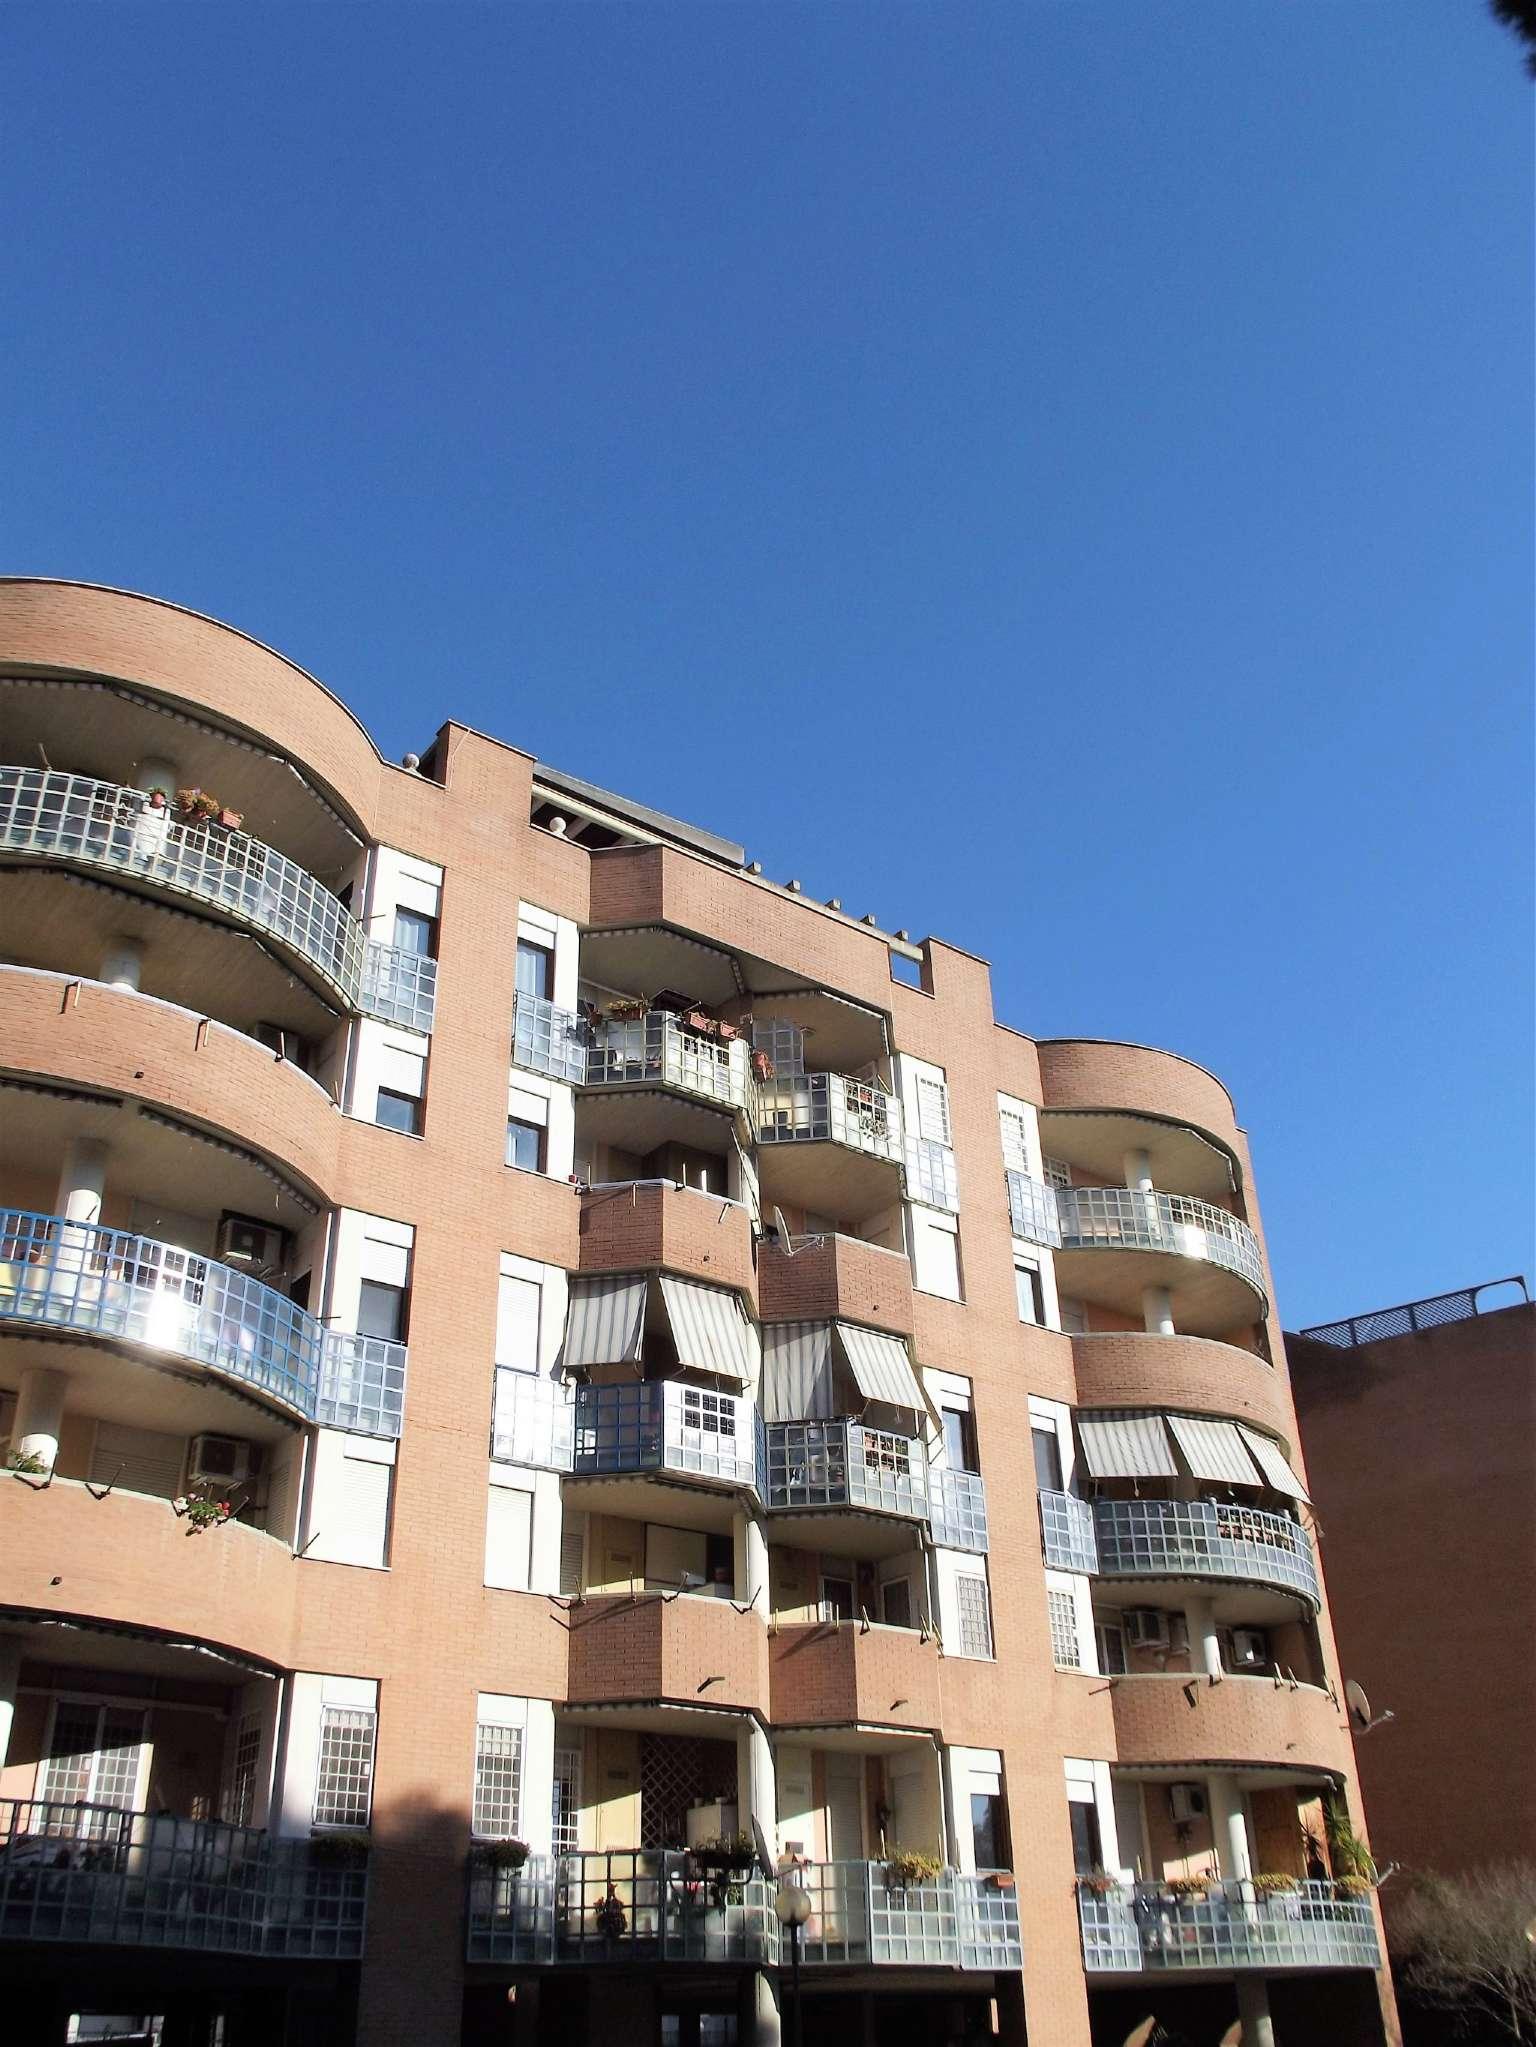 Attico / Mansarda in vendita a Roma, 3 locali, zona Zona: 34 . Bufalotta, Sette Bagni, Casal Boccone, Casale Monastero, Settecamini, prezzo € 380.000 | CambioCasa.it